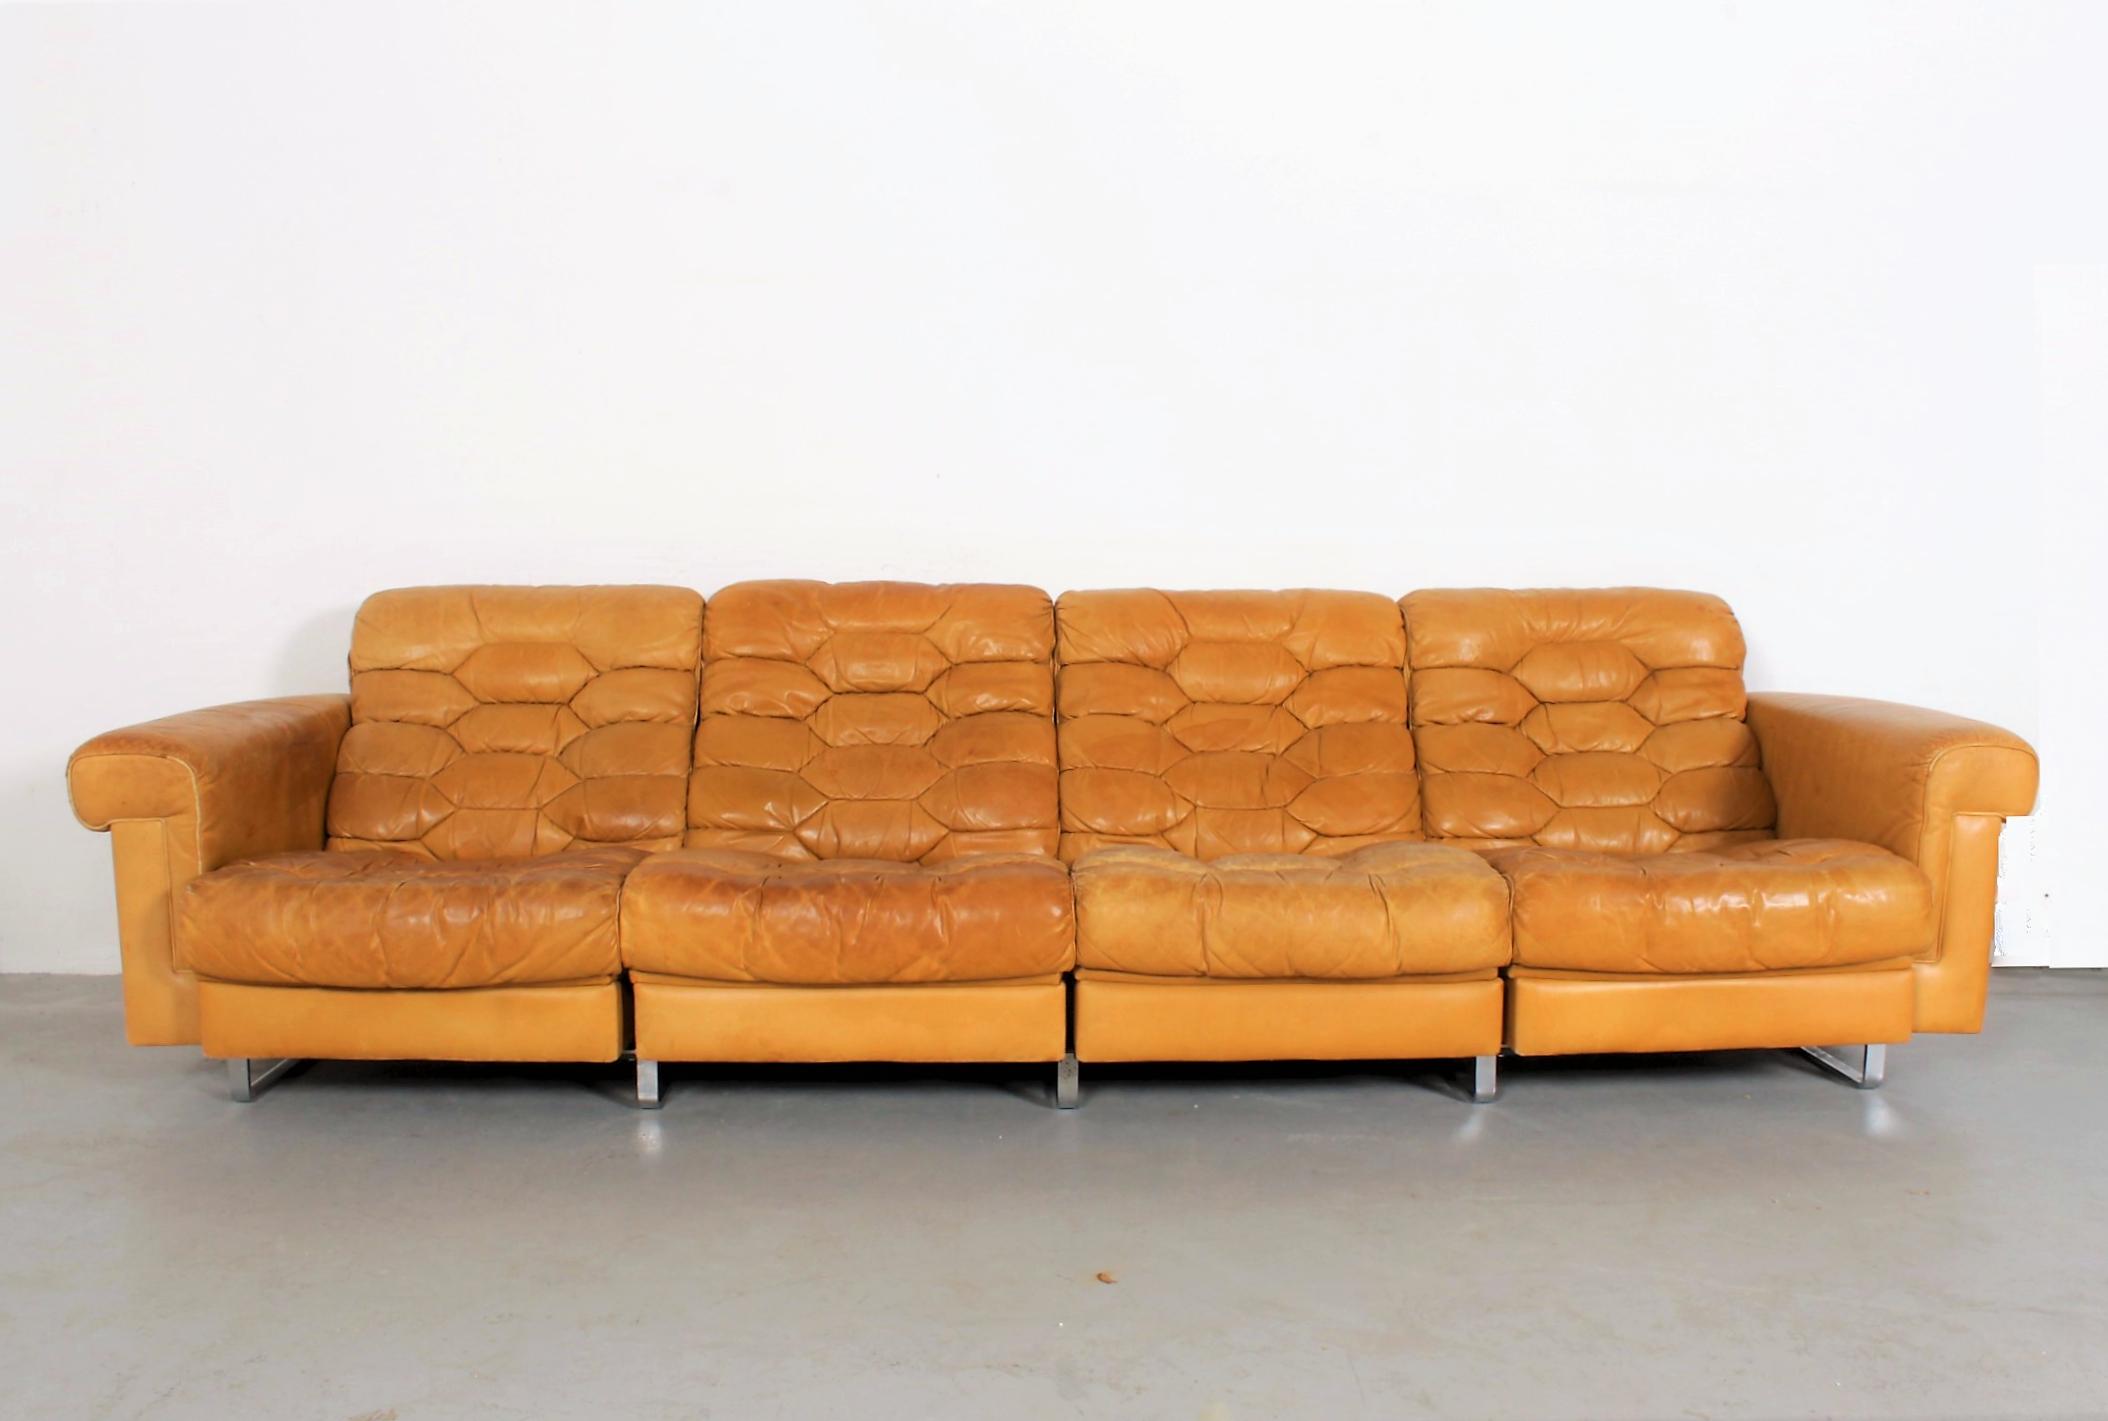 Full Size of De Sede Sofa Sessel Gebraucht Kaufen For Sale Preise Schweiz Endless Ds 600 Bi Schillig Elektrisch Designer Regale Runder Esstisch Leinen Lagerverkauf Sofa De Sede Sofa